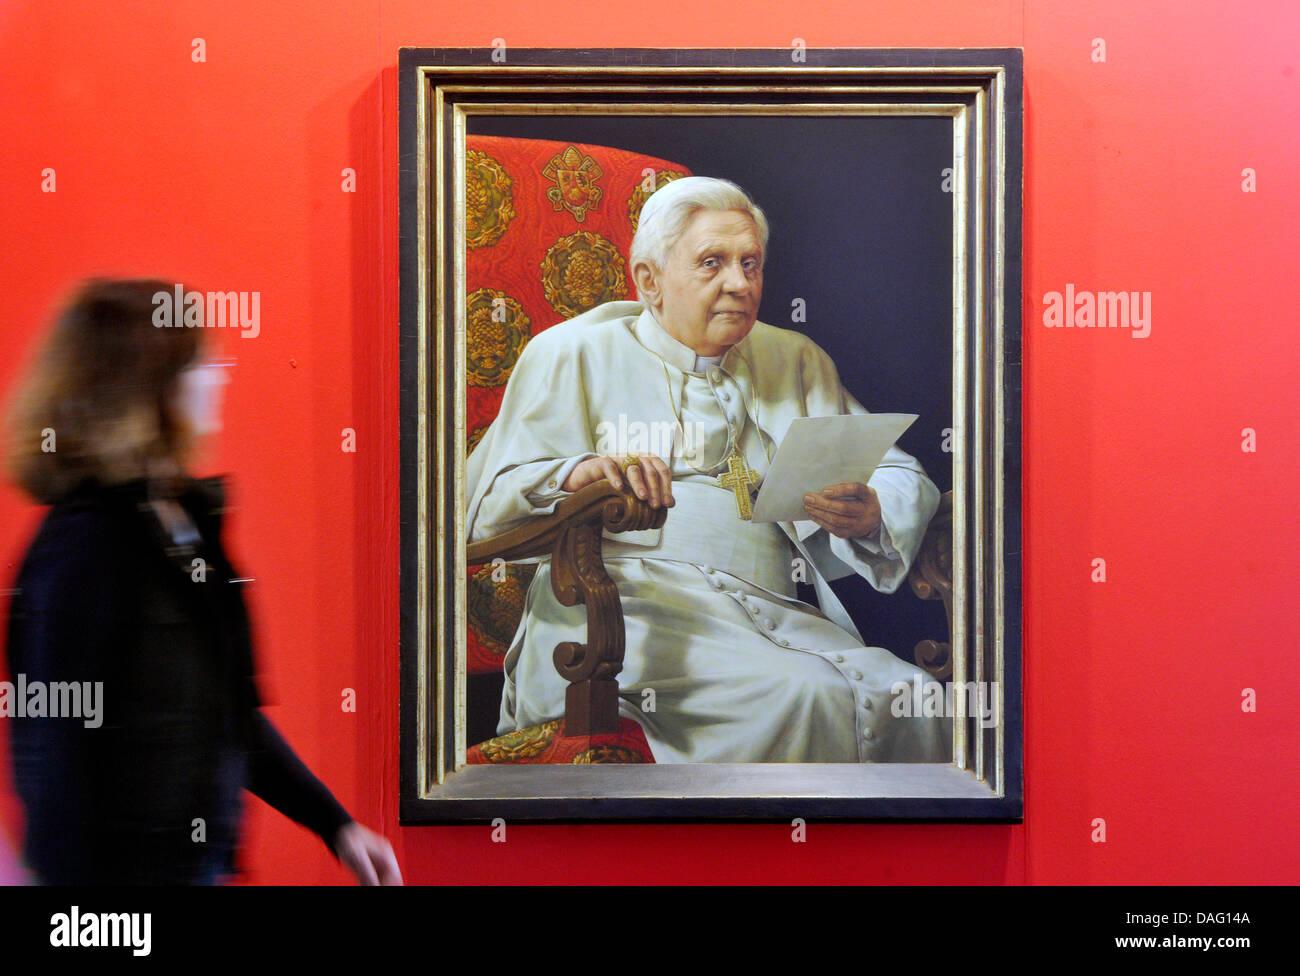 Das Kunstwerk im Auftrag der katholischen Kirche gemacht, ist ein ...